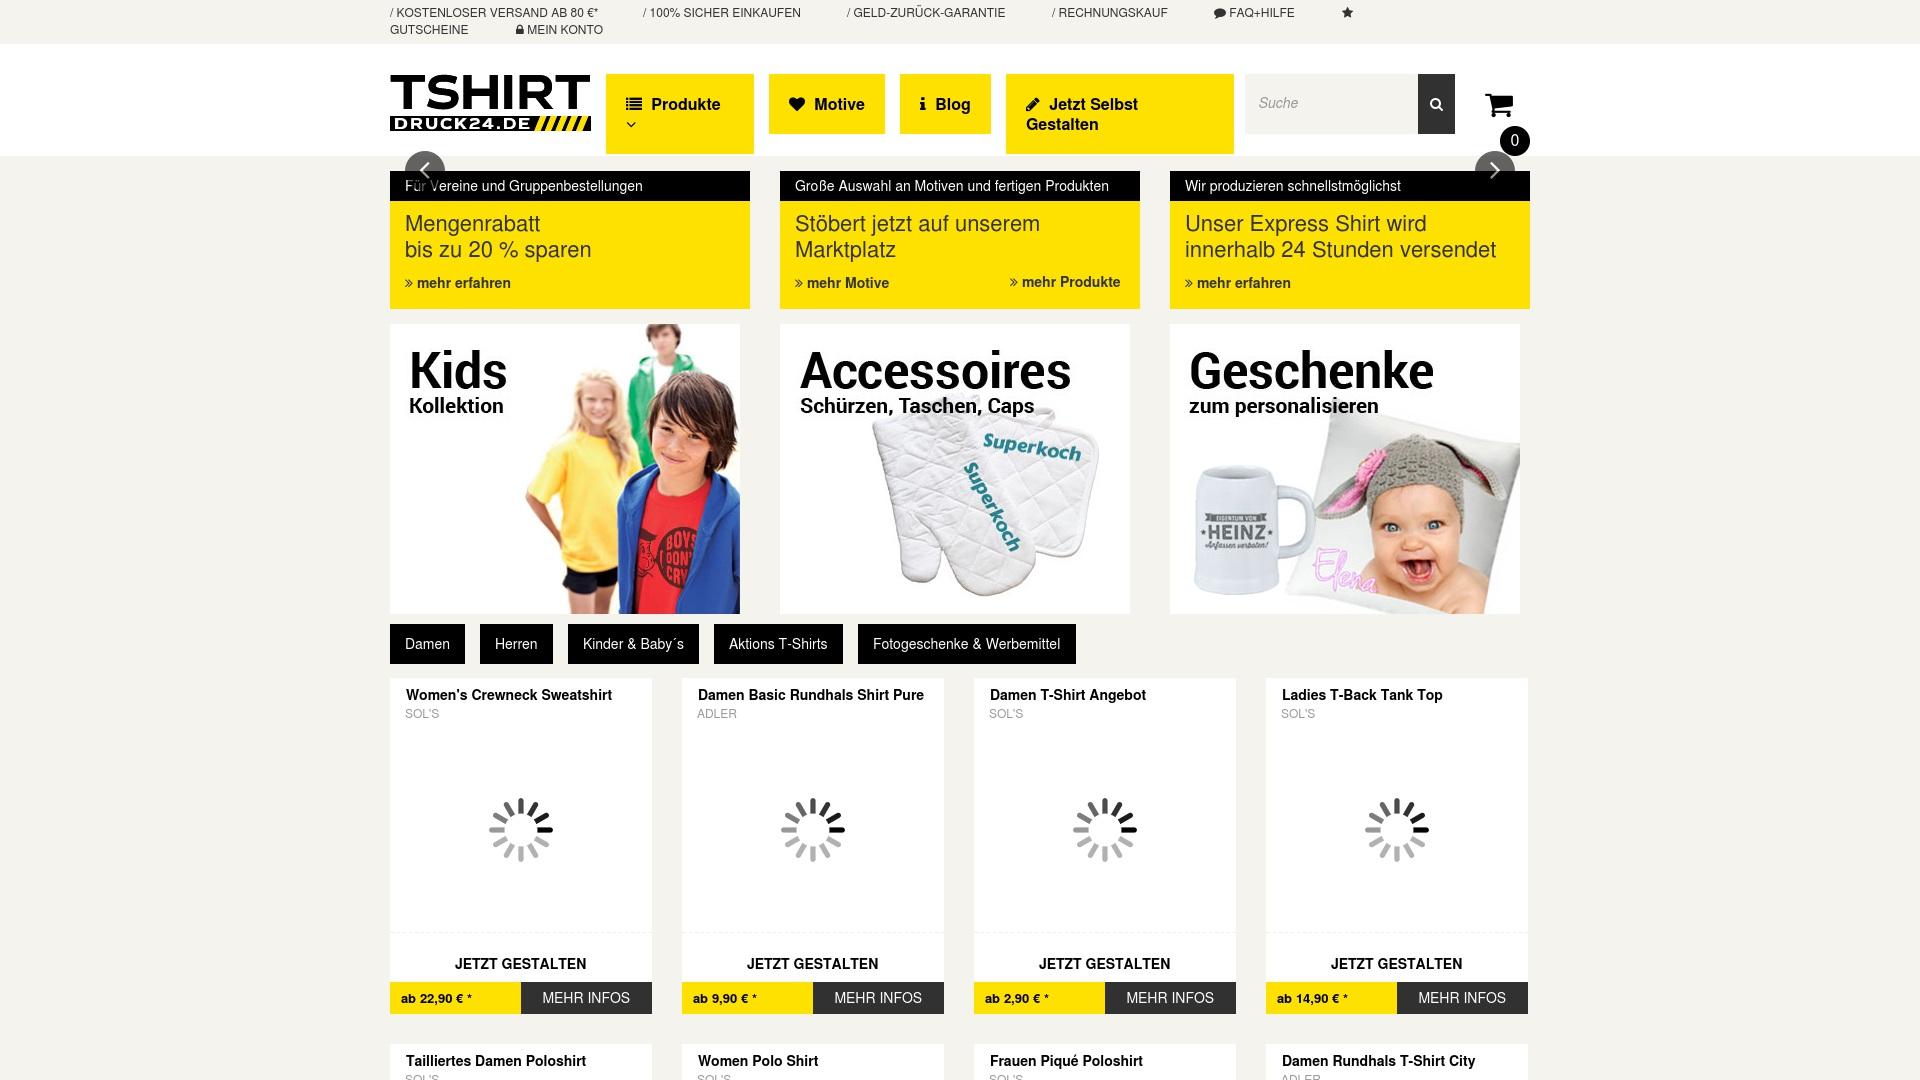 Gutschein für Tshirt-druck24: Rabatte für  Tshirt-druck24 sichern